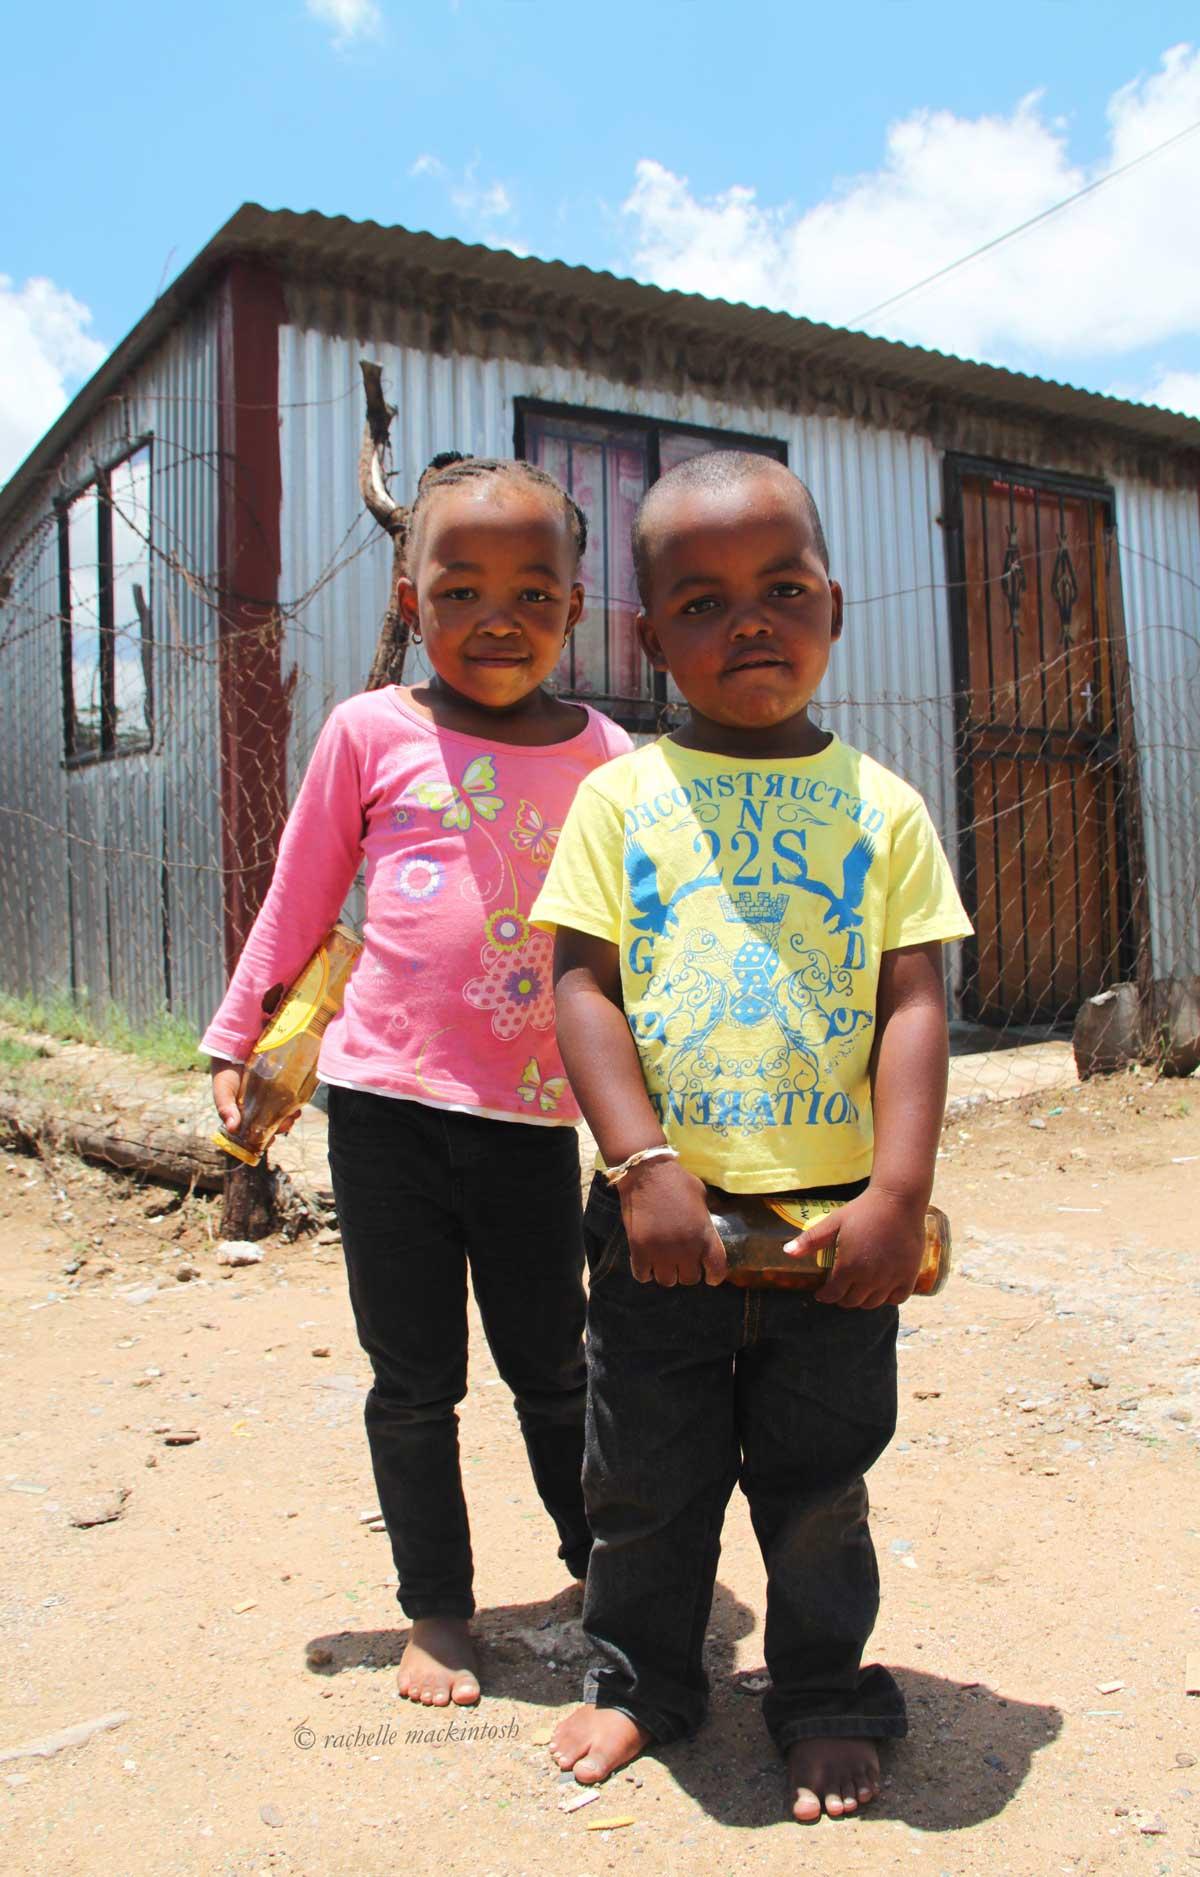 soweto children south africa johannesburg